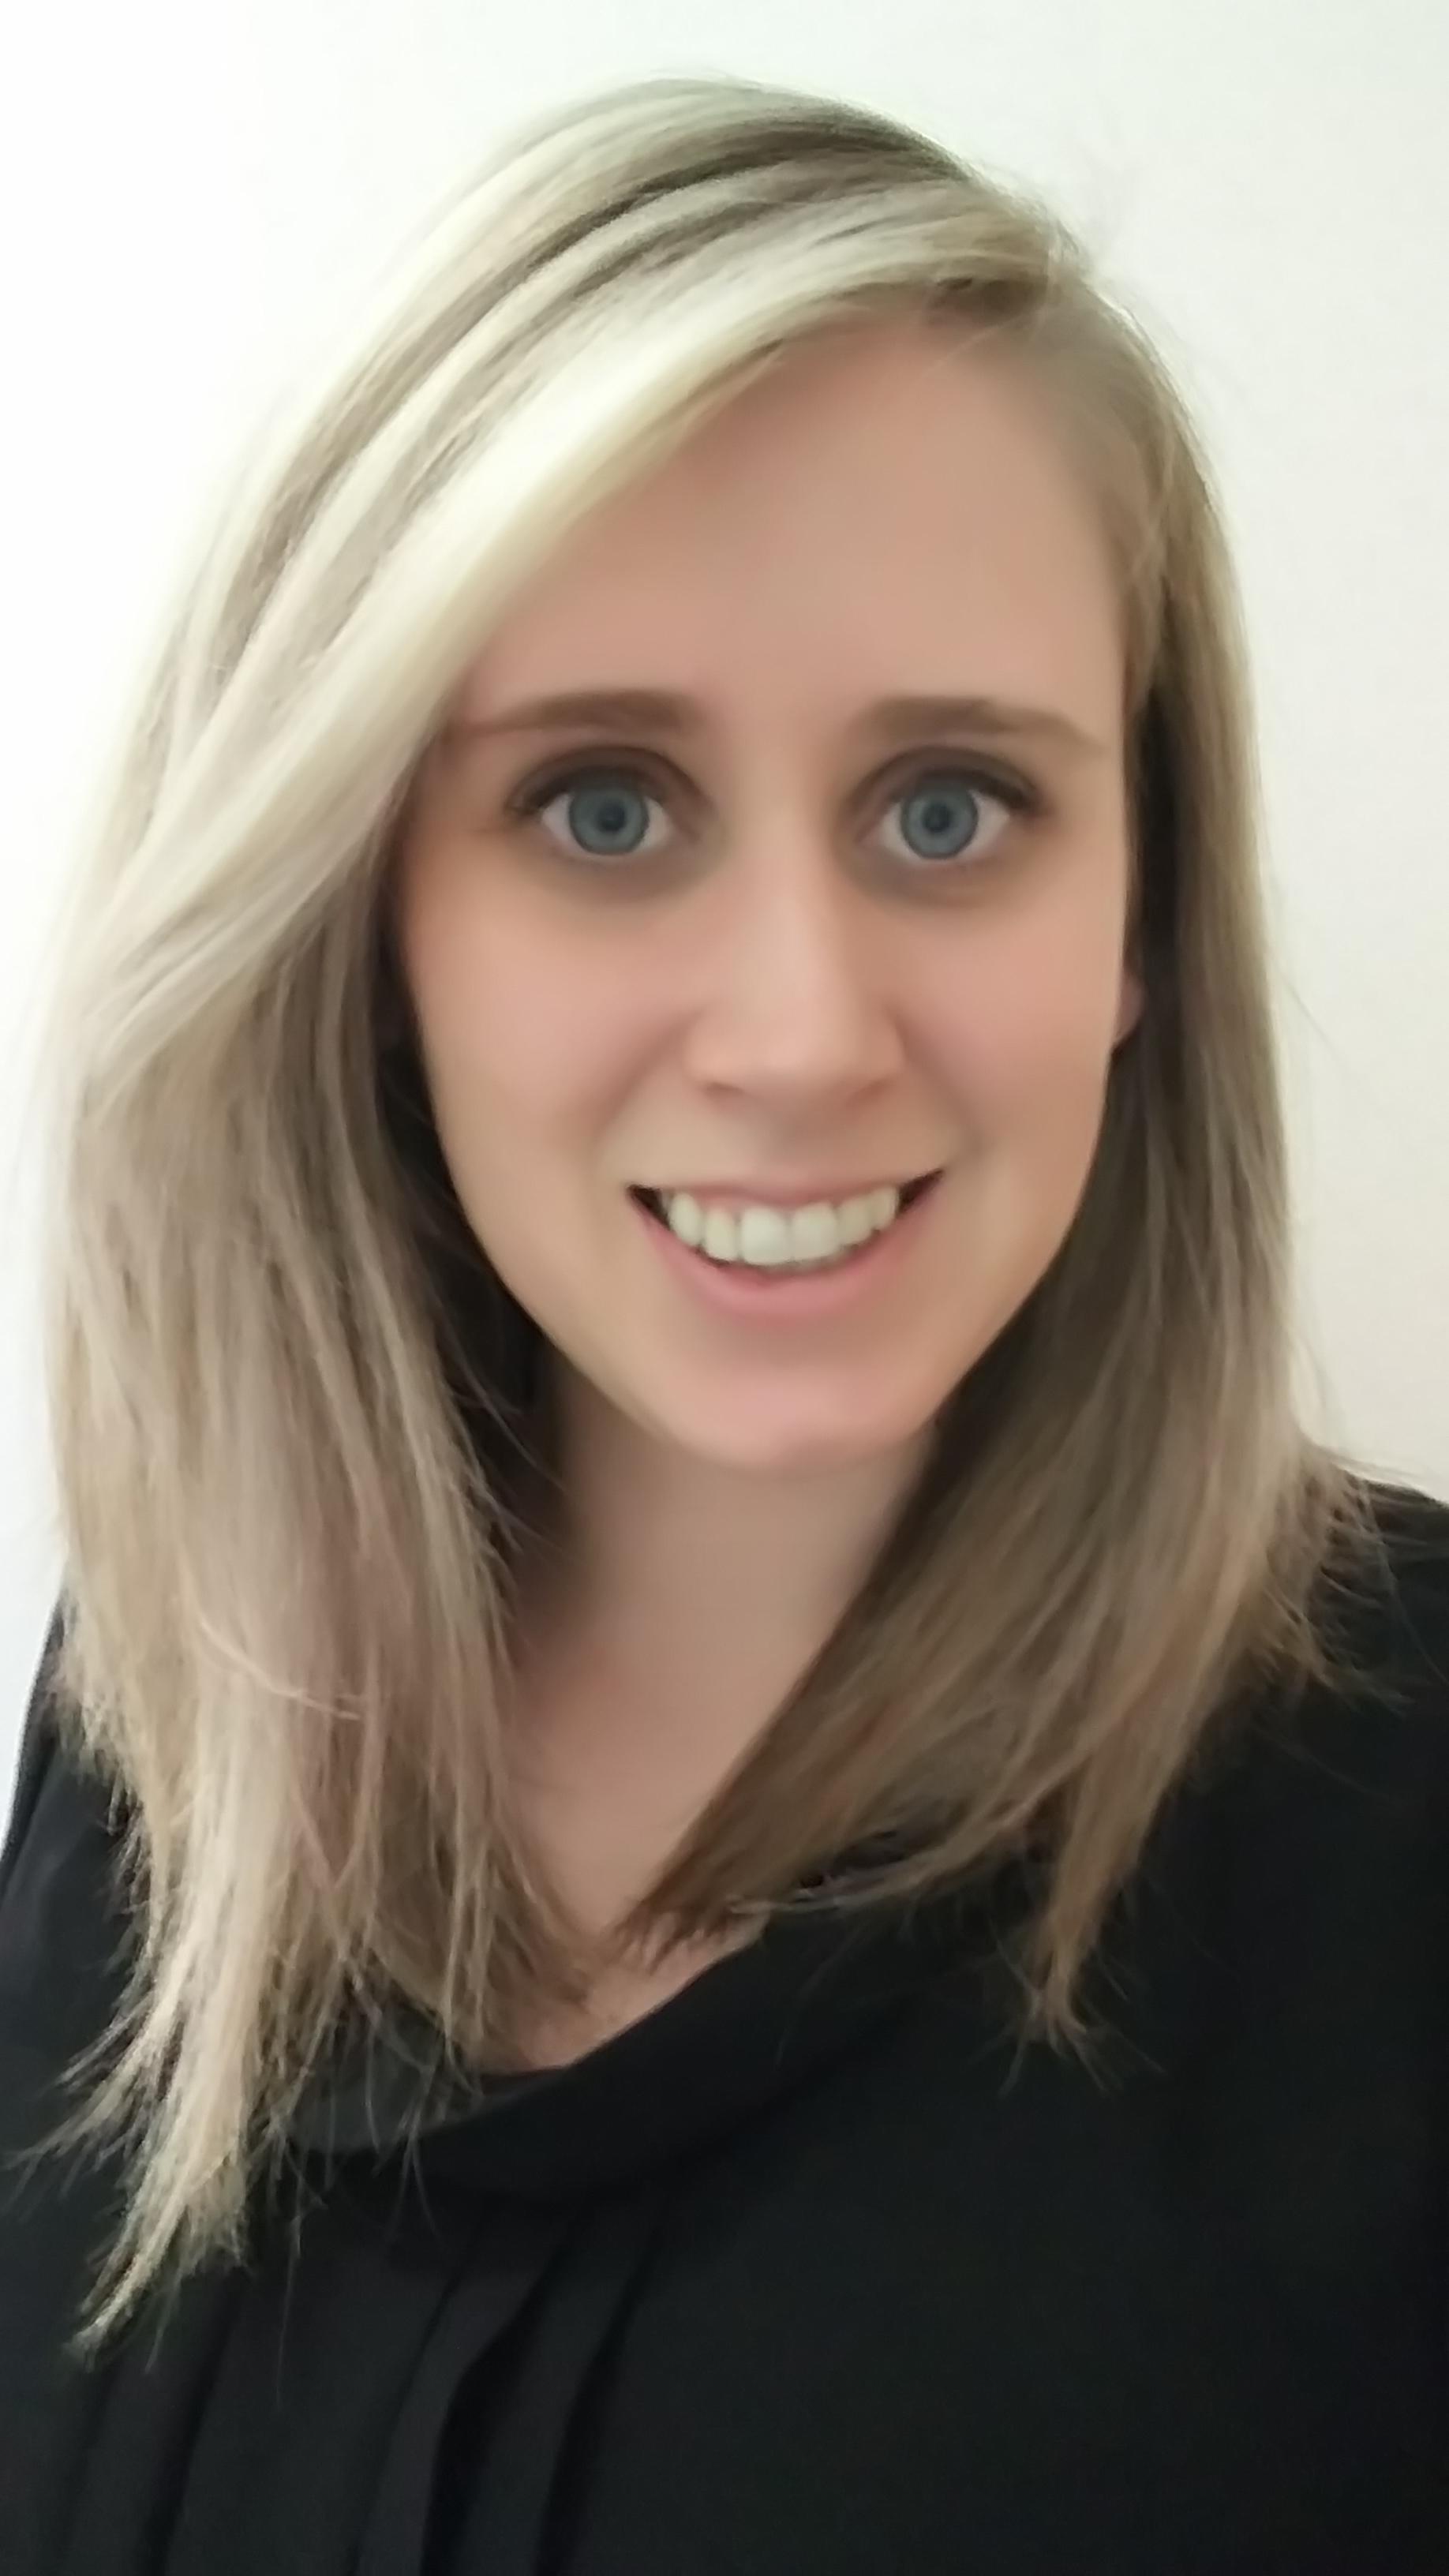 Jessica Sage - Agent / jessicasage@d2travel.com